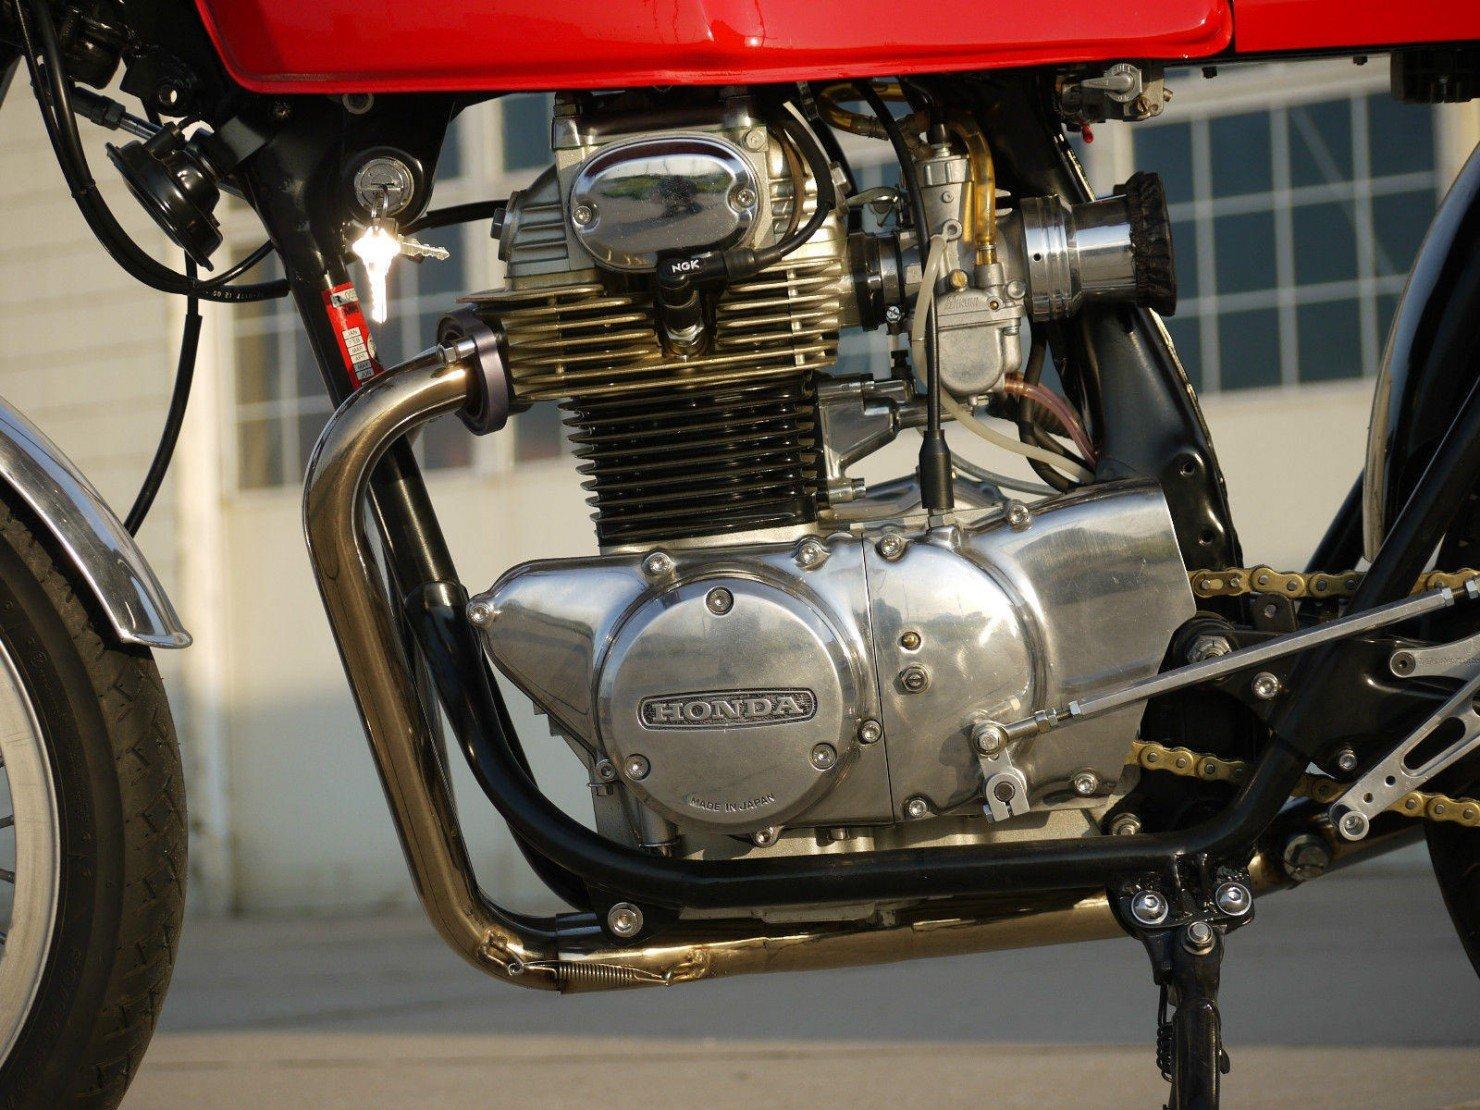 1973 Honda CB350 Cafe Racer